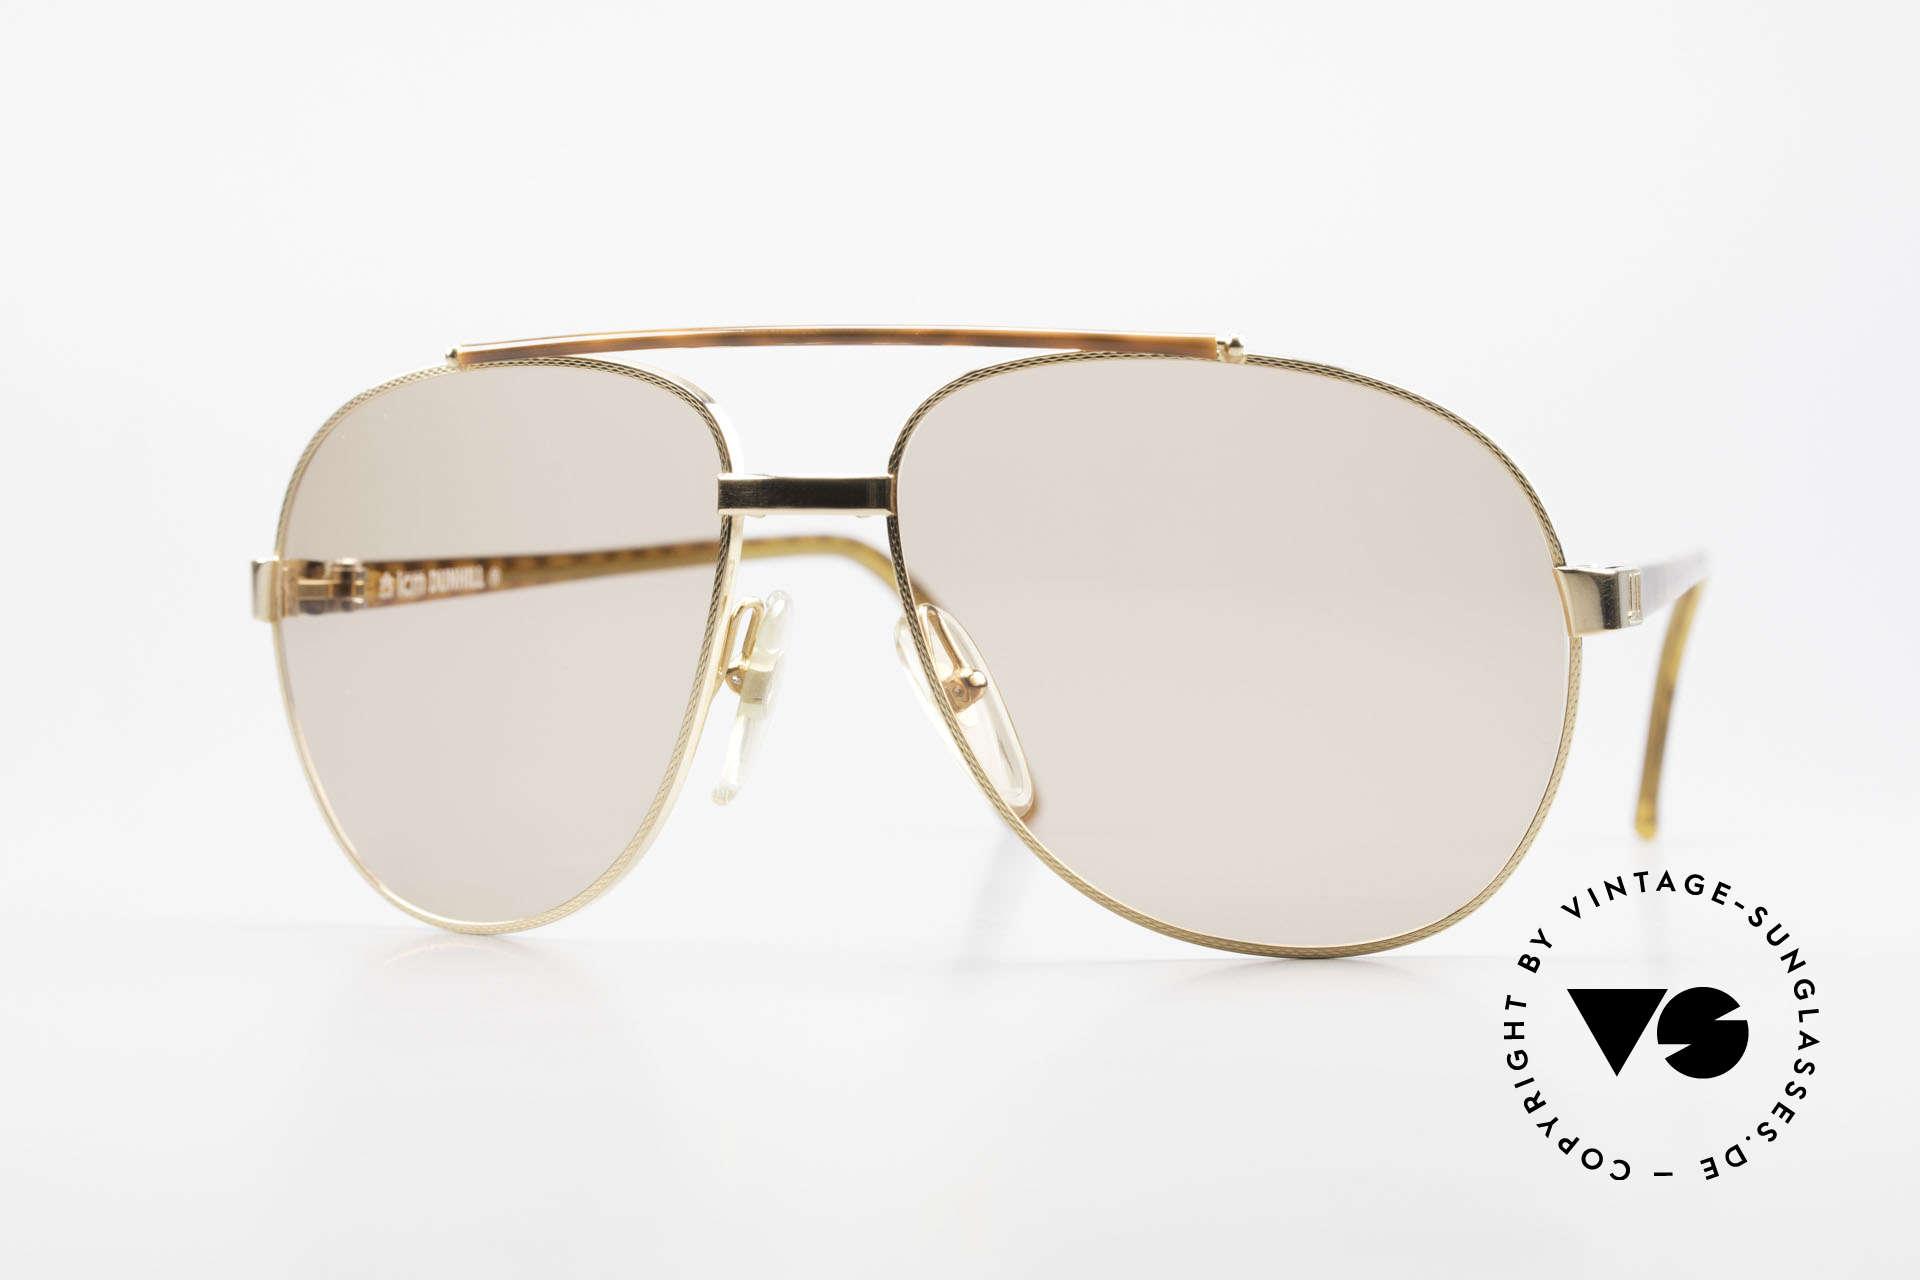 Dunhill 6070 90er Luxus Sonnenbrille Herren, edler, hochwertiger und stilvoller geht's nicht, Passend für Herren